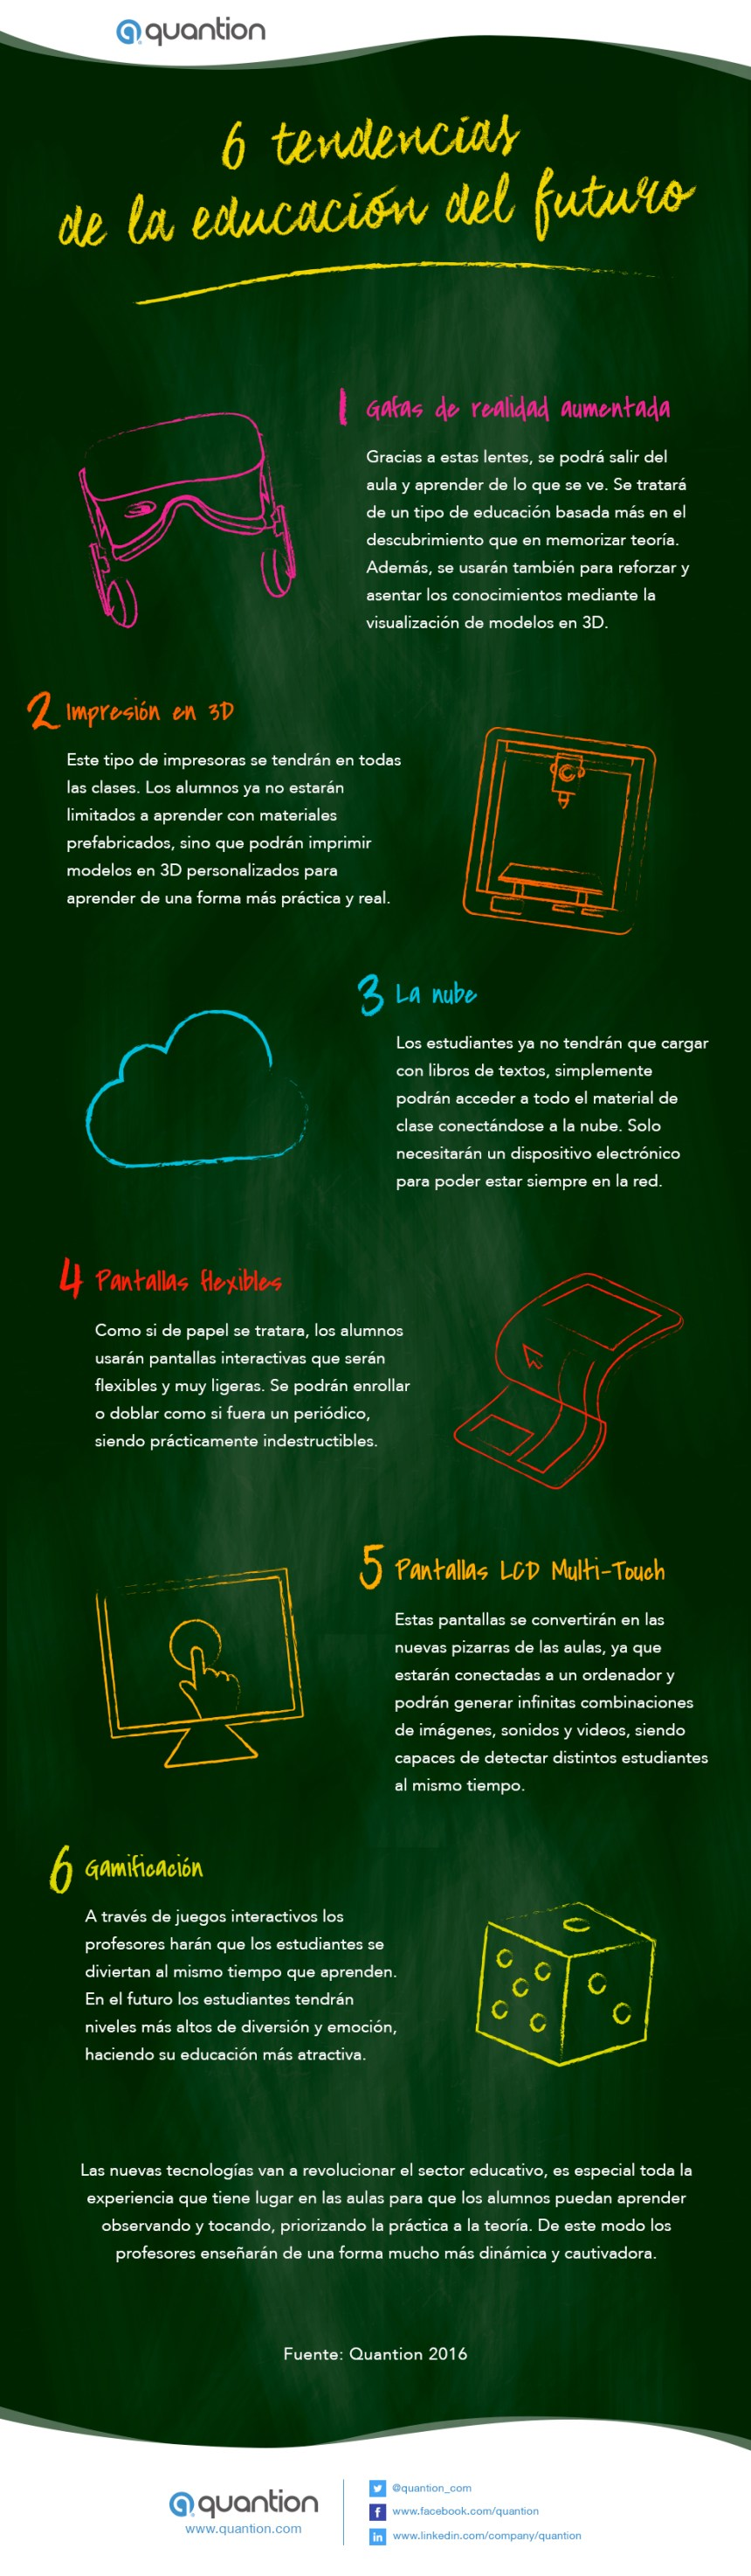 6 tendencias de la educación del futuro